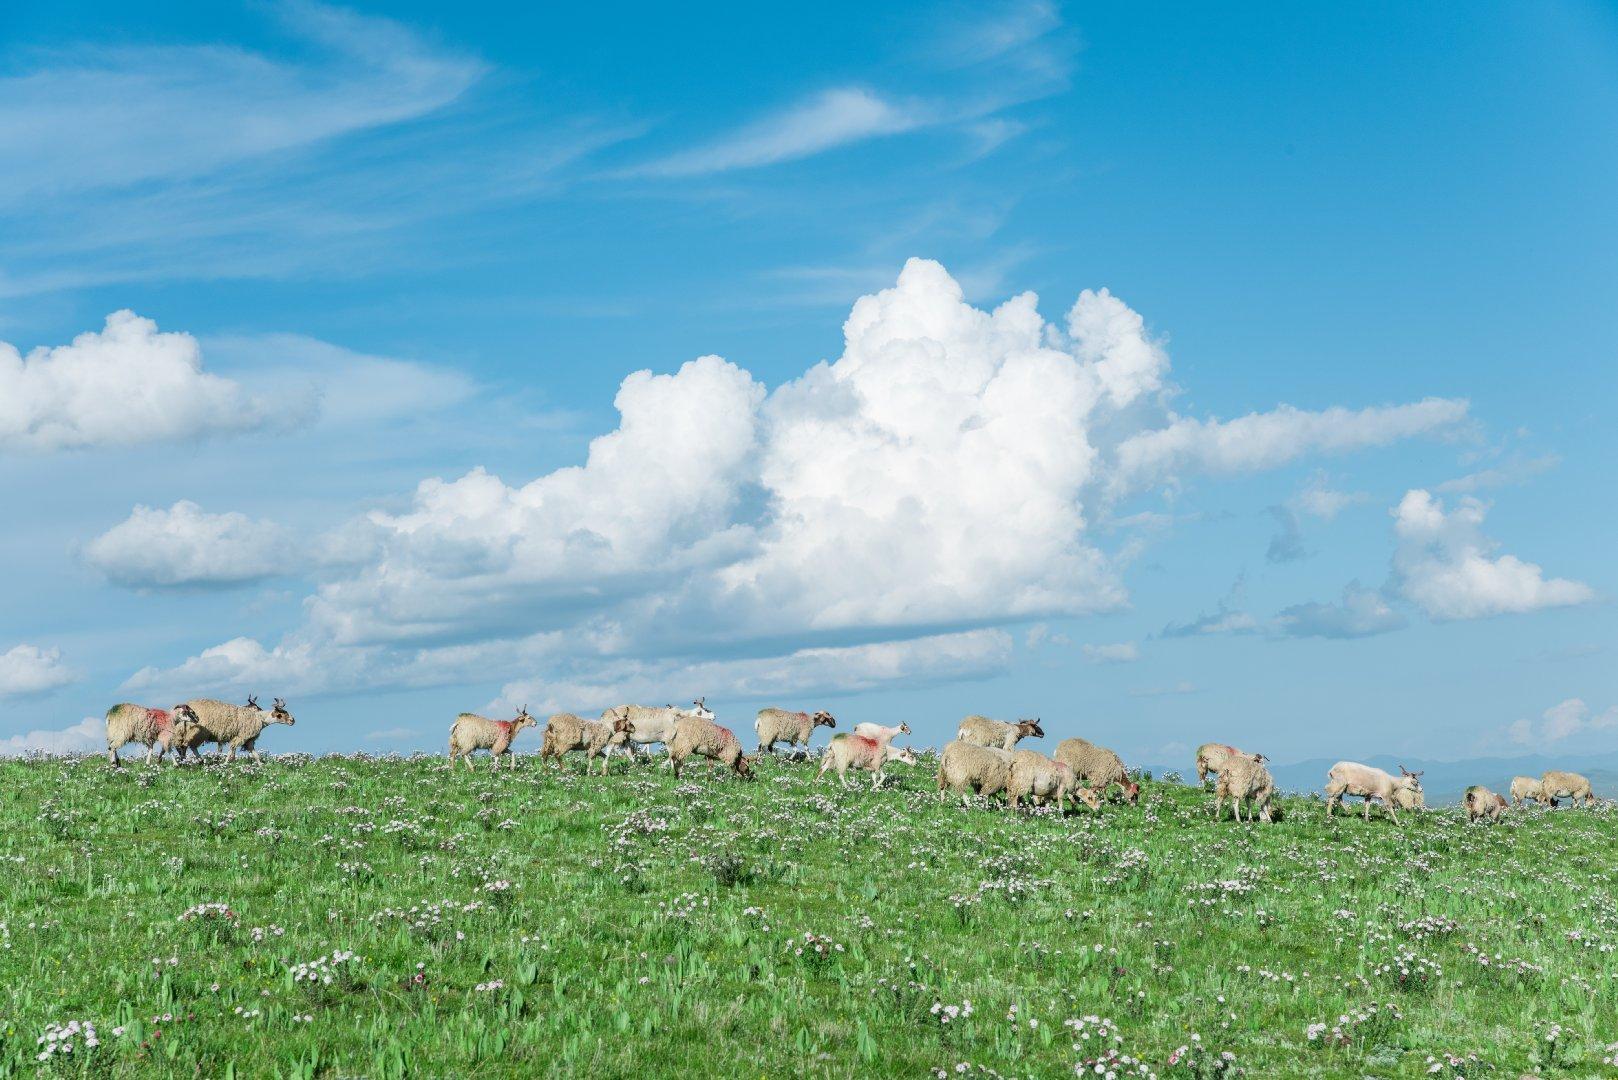 甘南的草原,在晴天下是一幅画